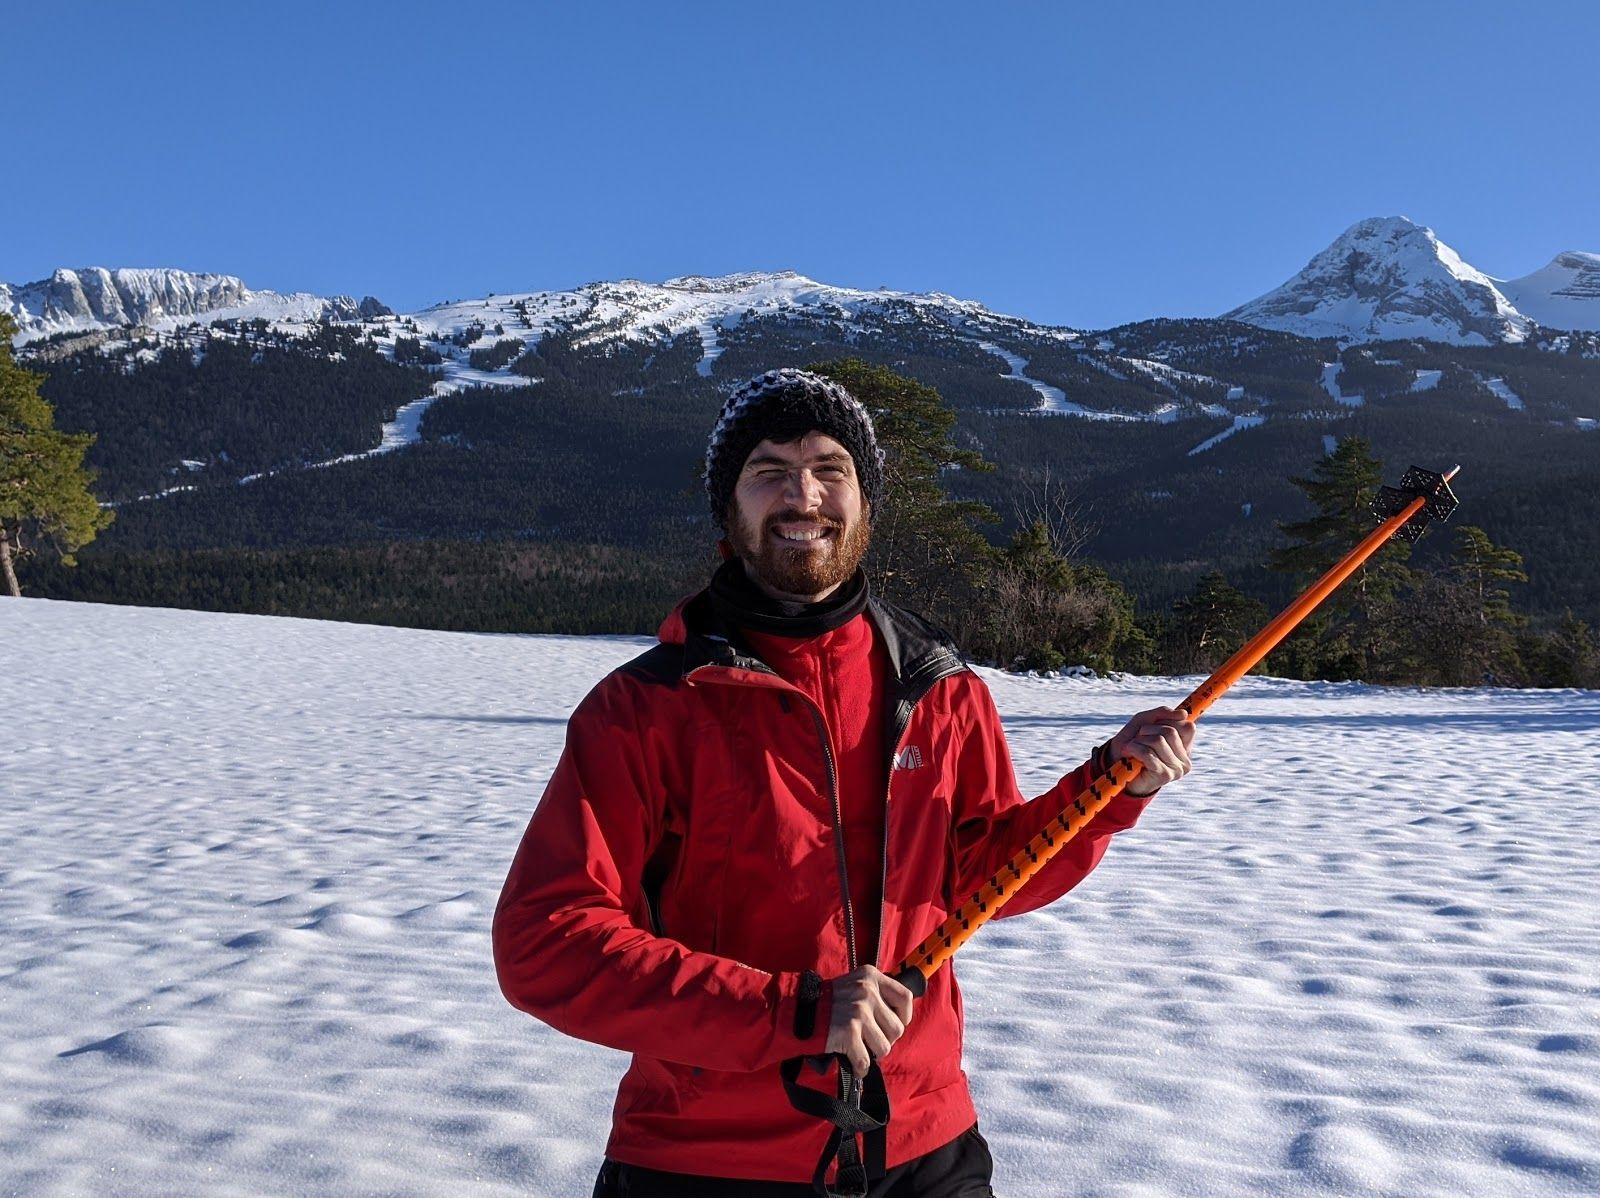 Julien from the Hunter team